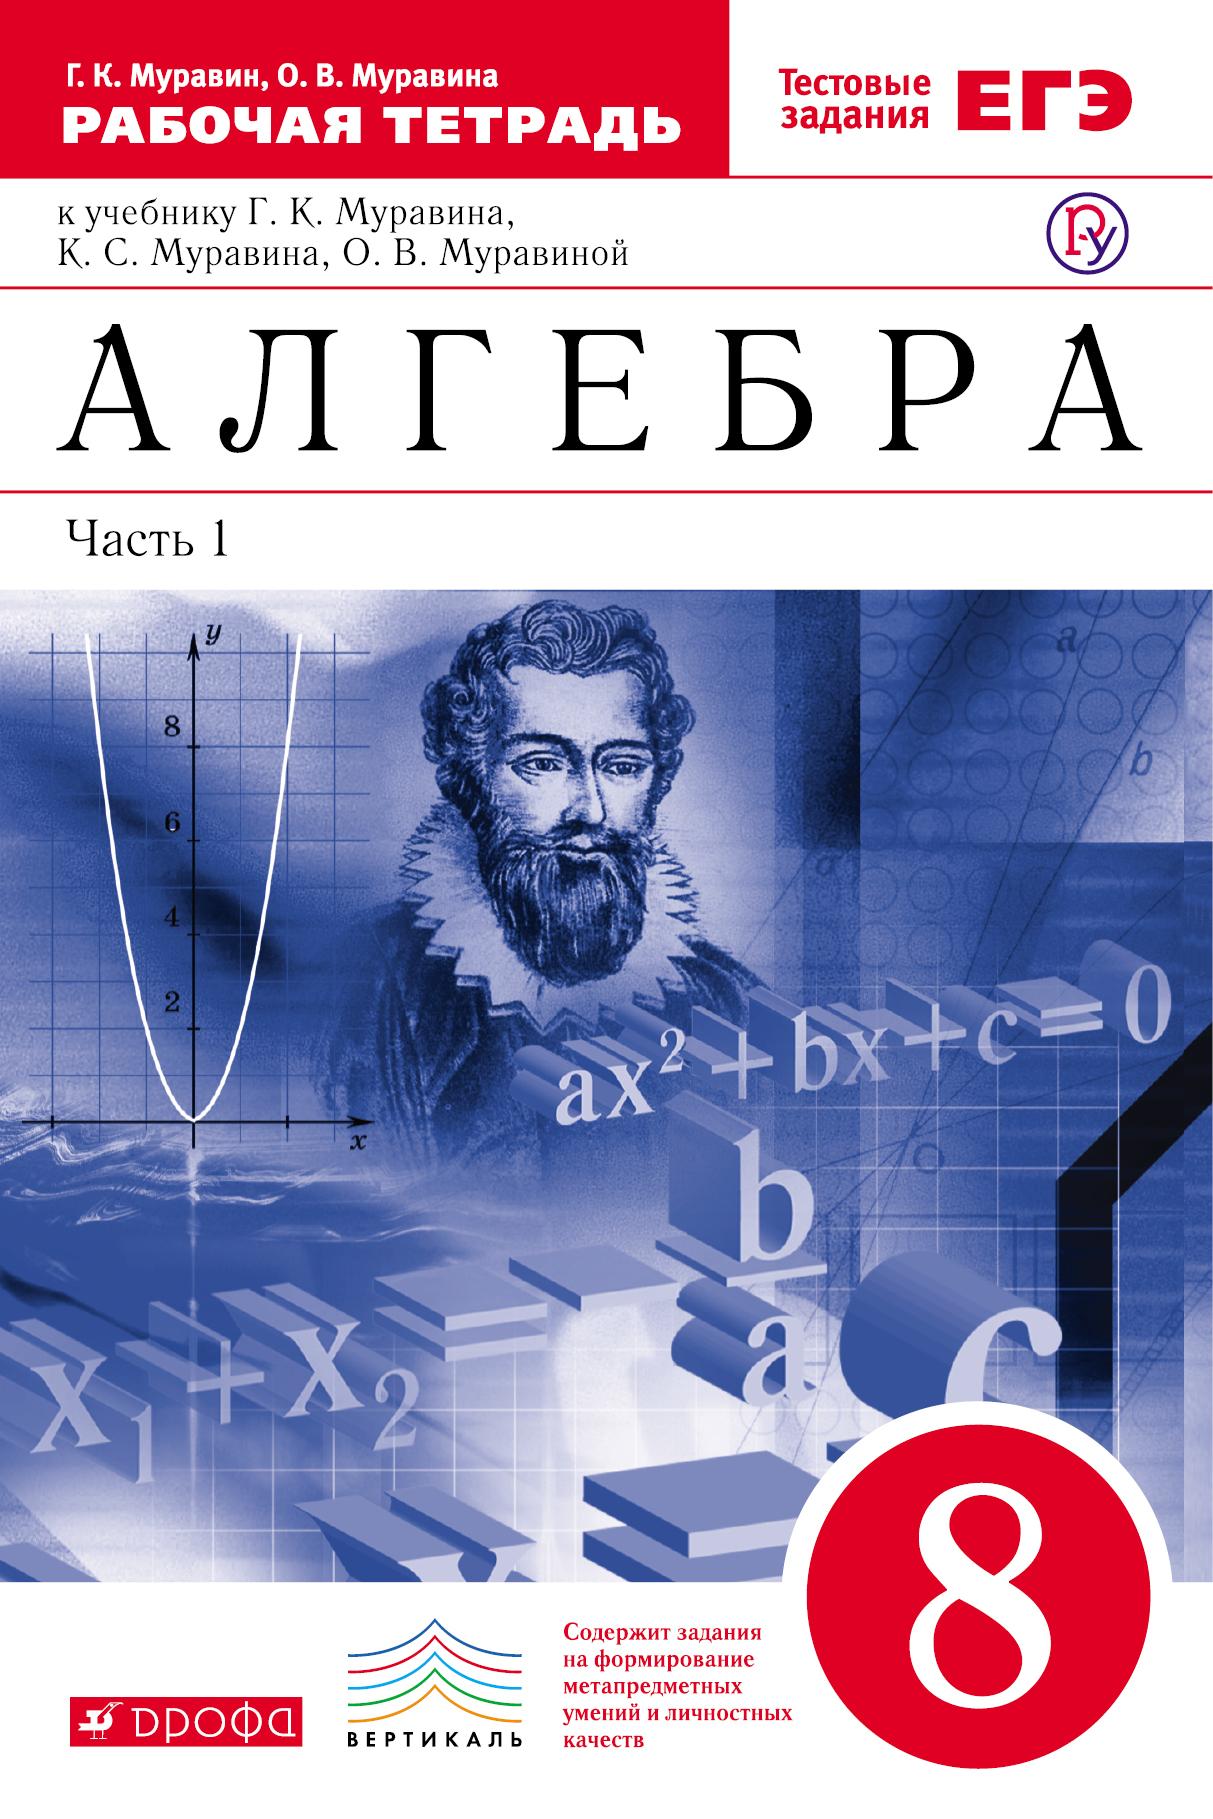 Муравин Г.К., Муравина О.В. Алгебра. 8 класс. Рабочая тетрадь (с тестовыми заданиями ЕГЭ). Часть 1